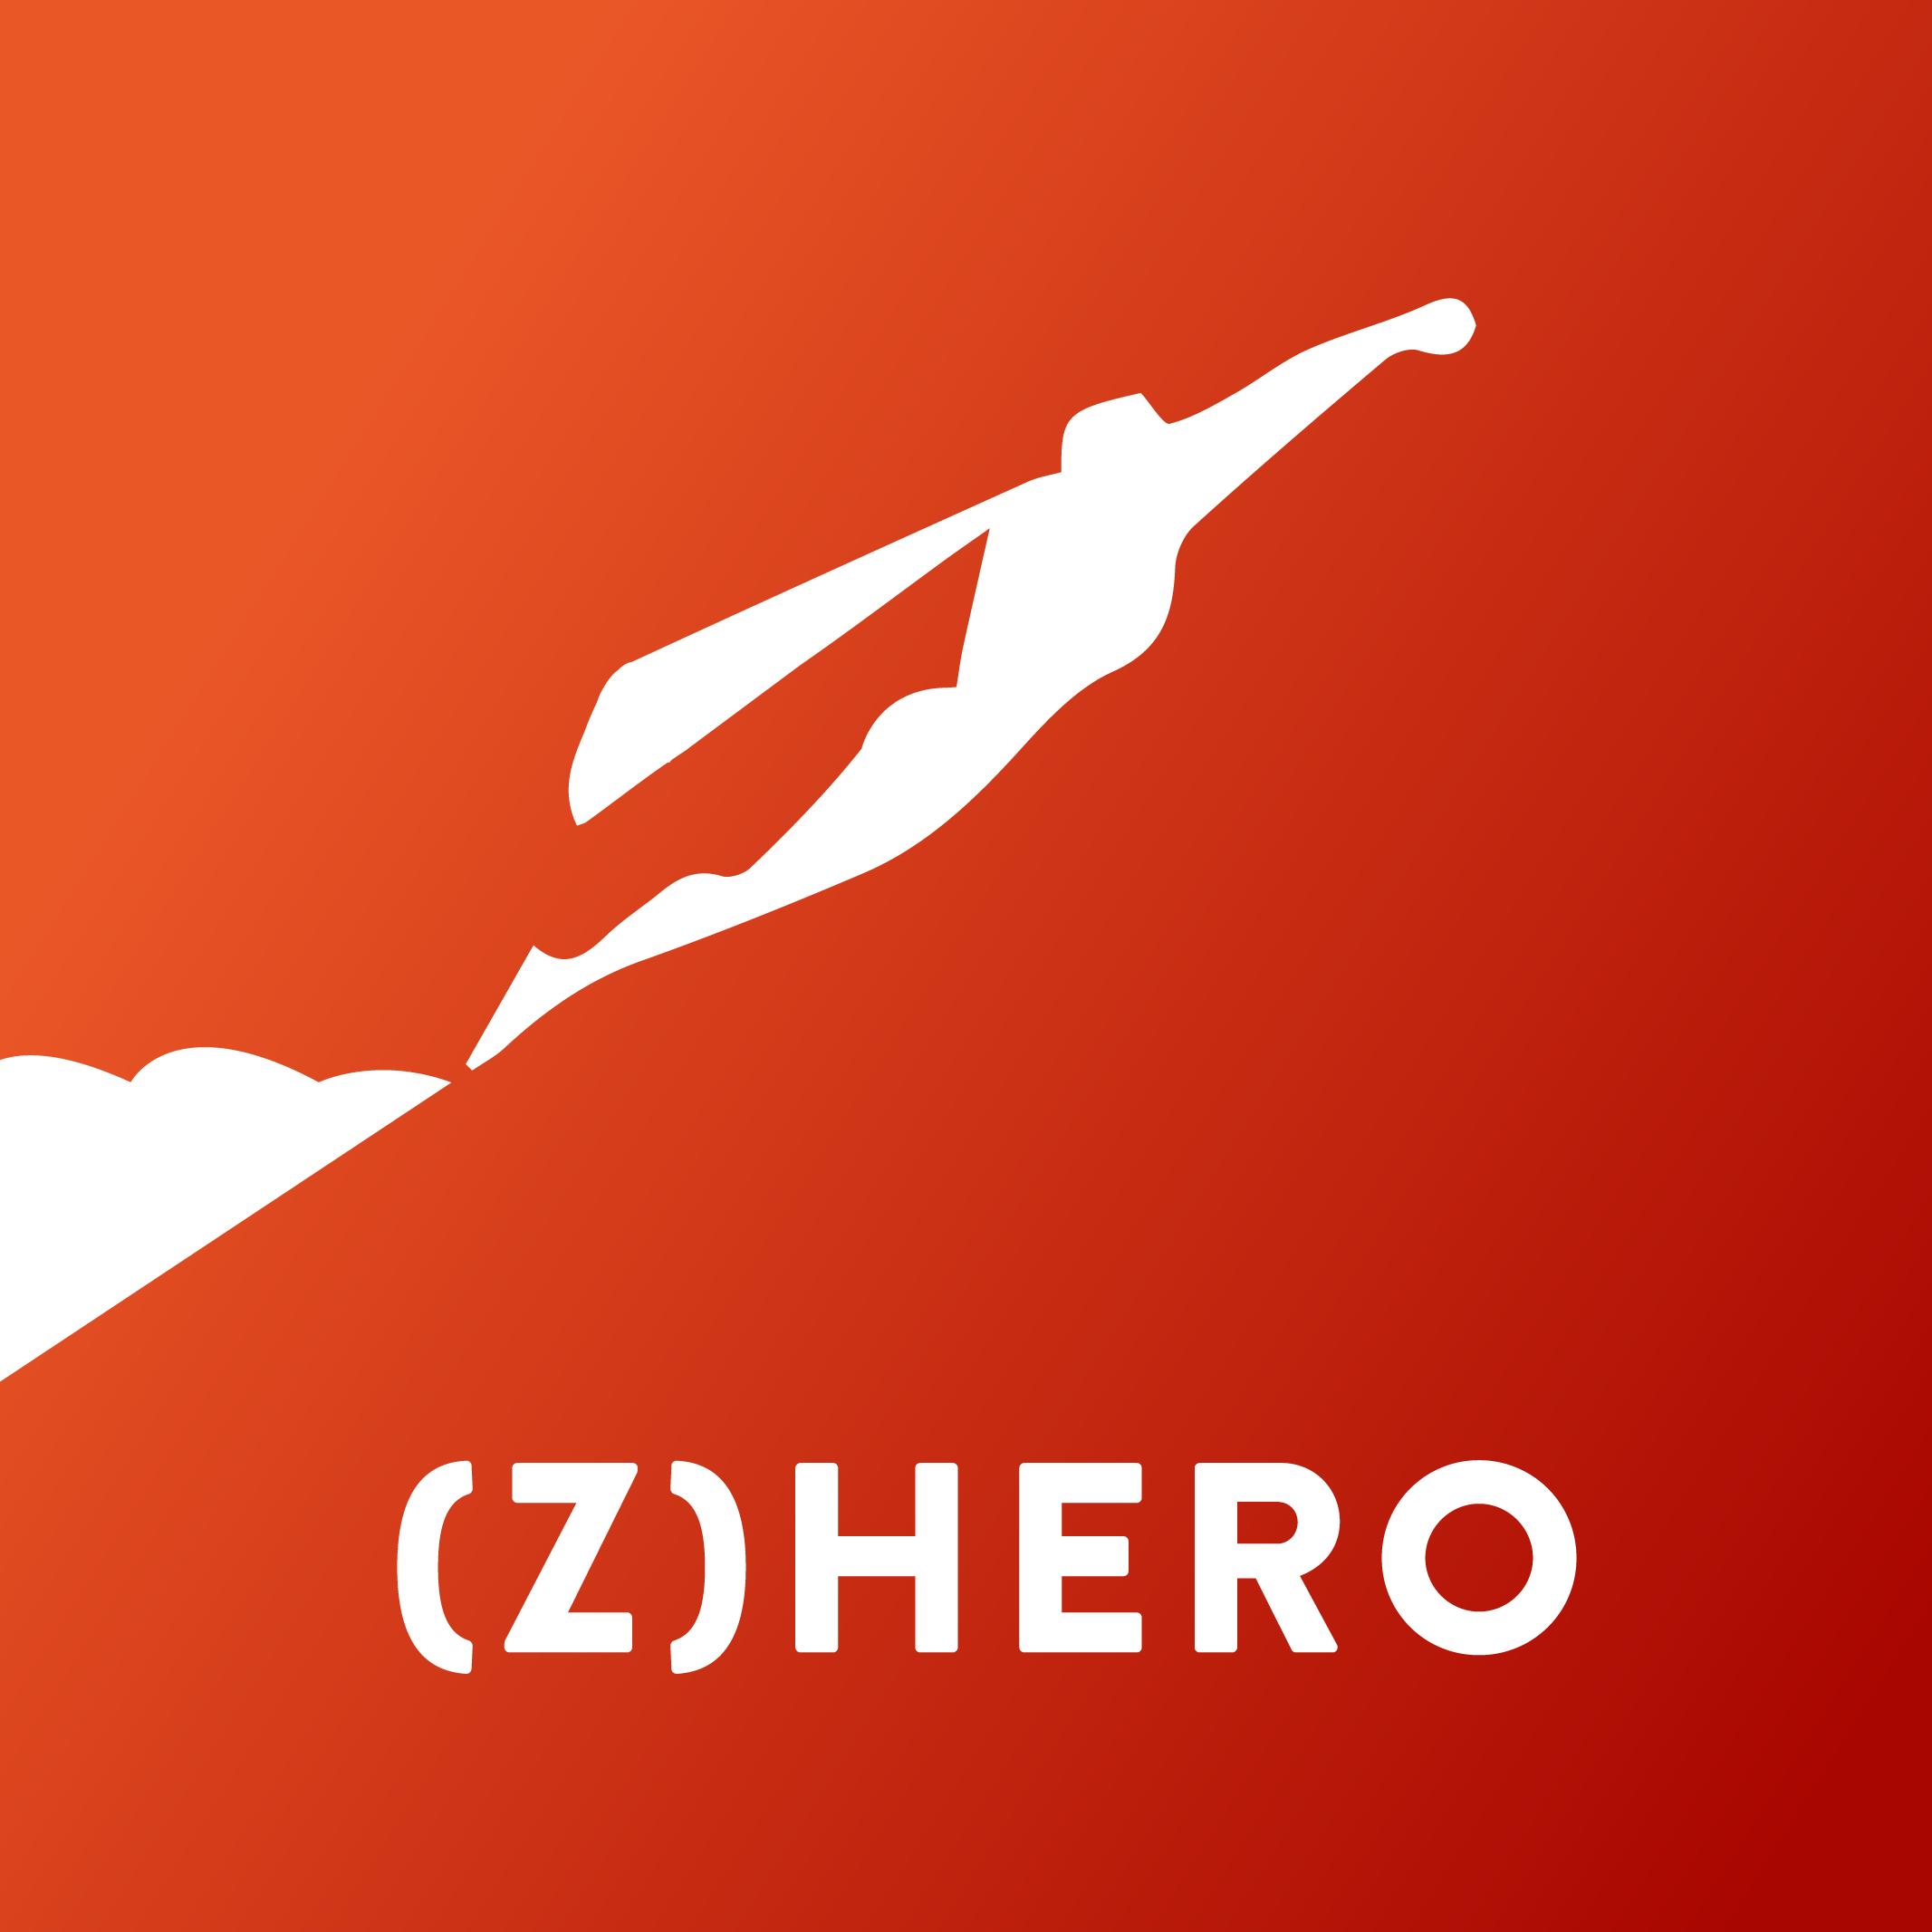 <![CDATA[(Z)Hero - Conversas com Empreendedores]]>